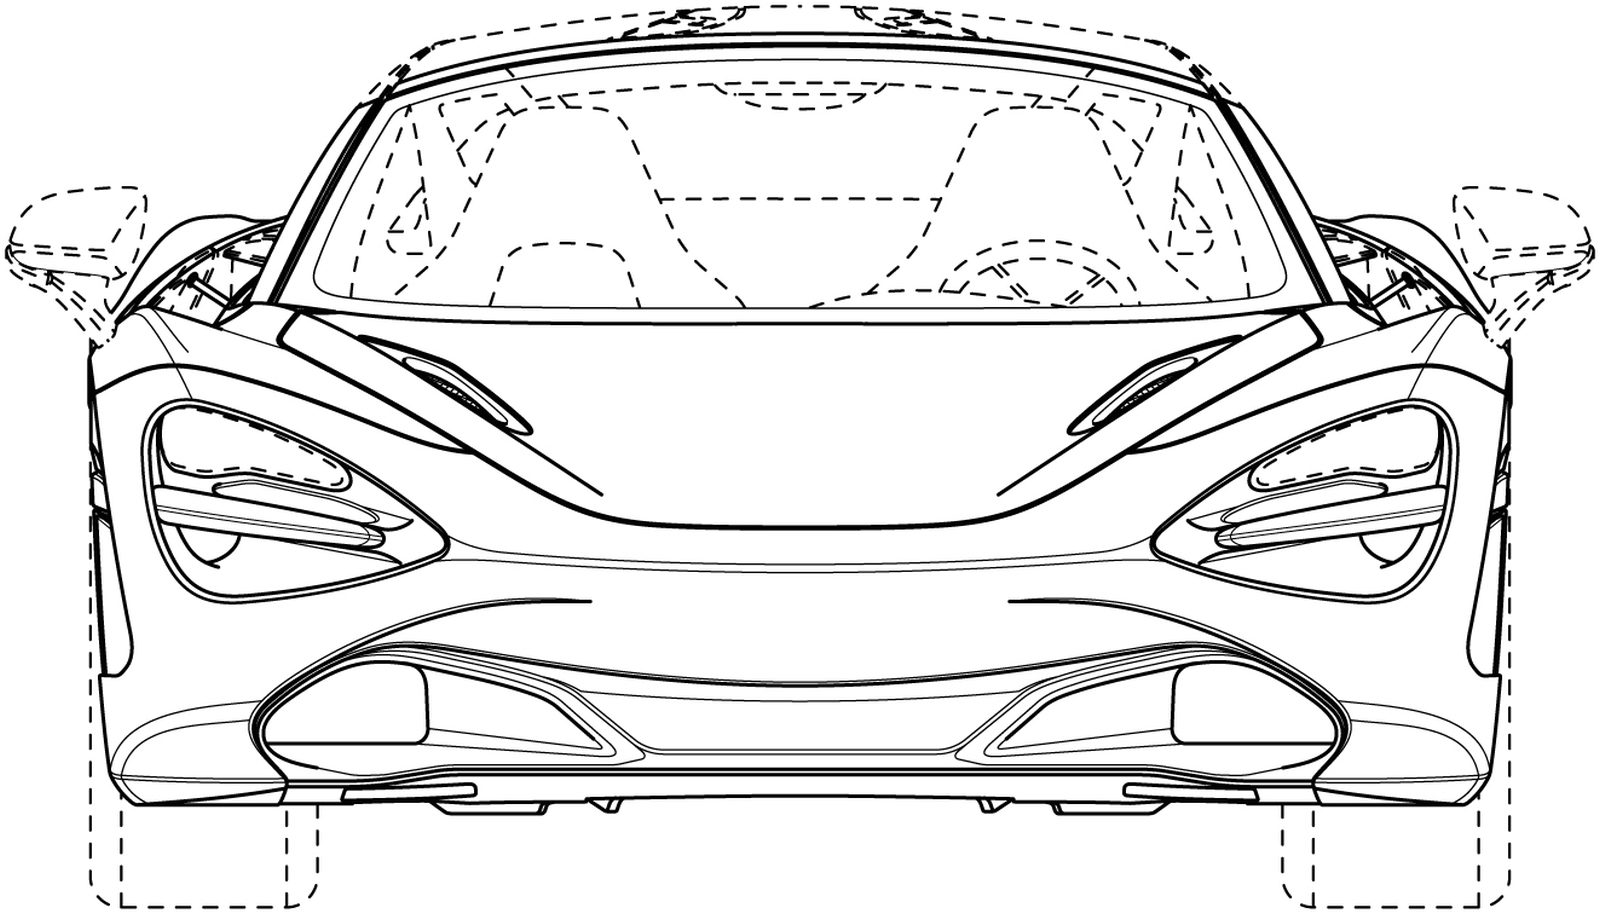 McLaren_720S_Spider_patent_images_0000